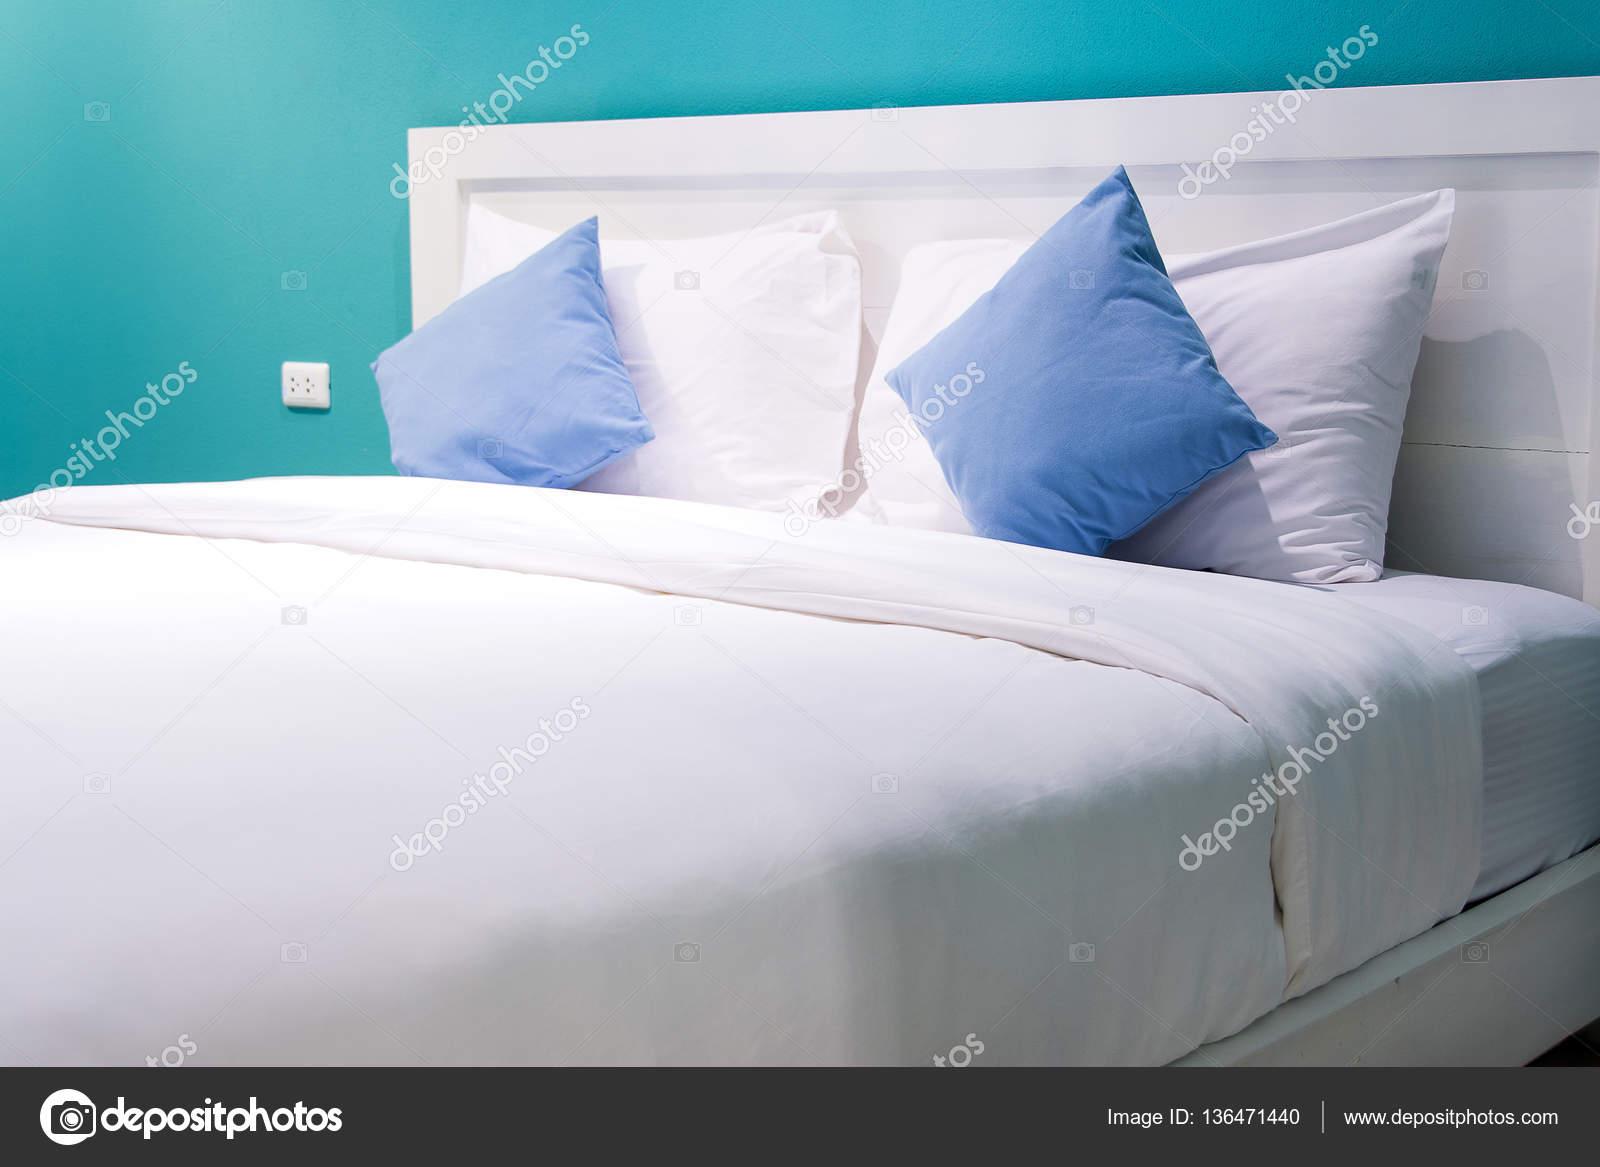 Letto Con Schienale Morbido : Cuscini bianchi e blu su un morbido confortevole letto u foto